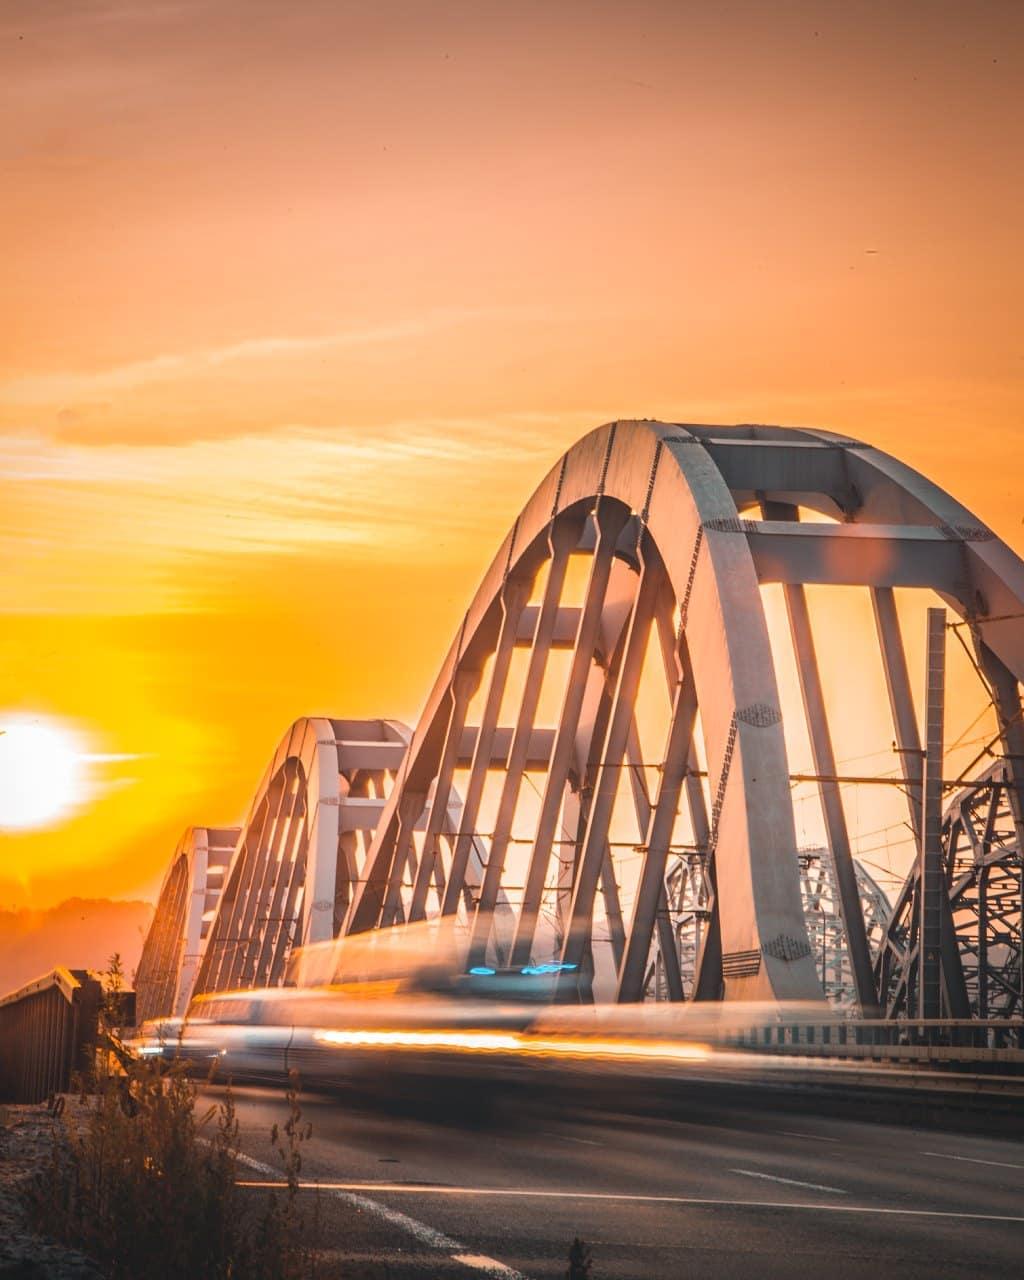 Смена дня и ночи осенью может подарить вот такие - даже не фотографии, а настоящие картины с текстурными изгибами Дарницкого моста. Автор картины - @kv4dromax